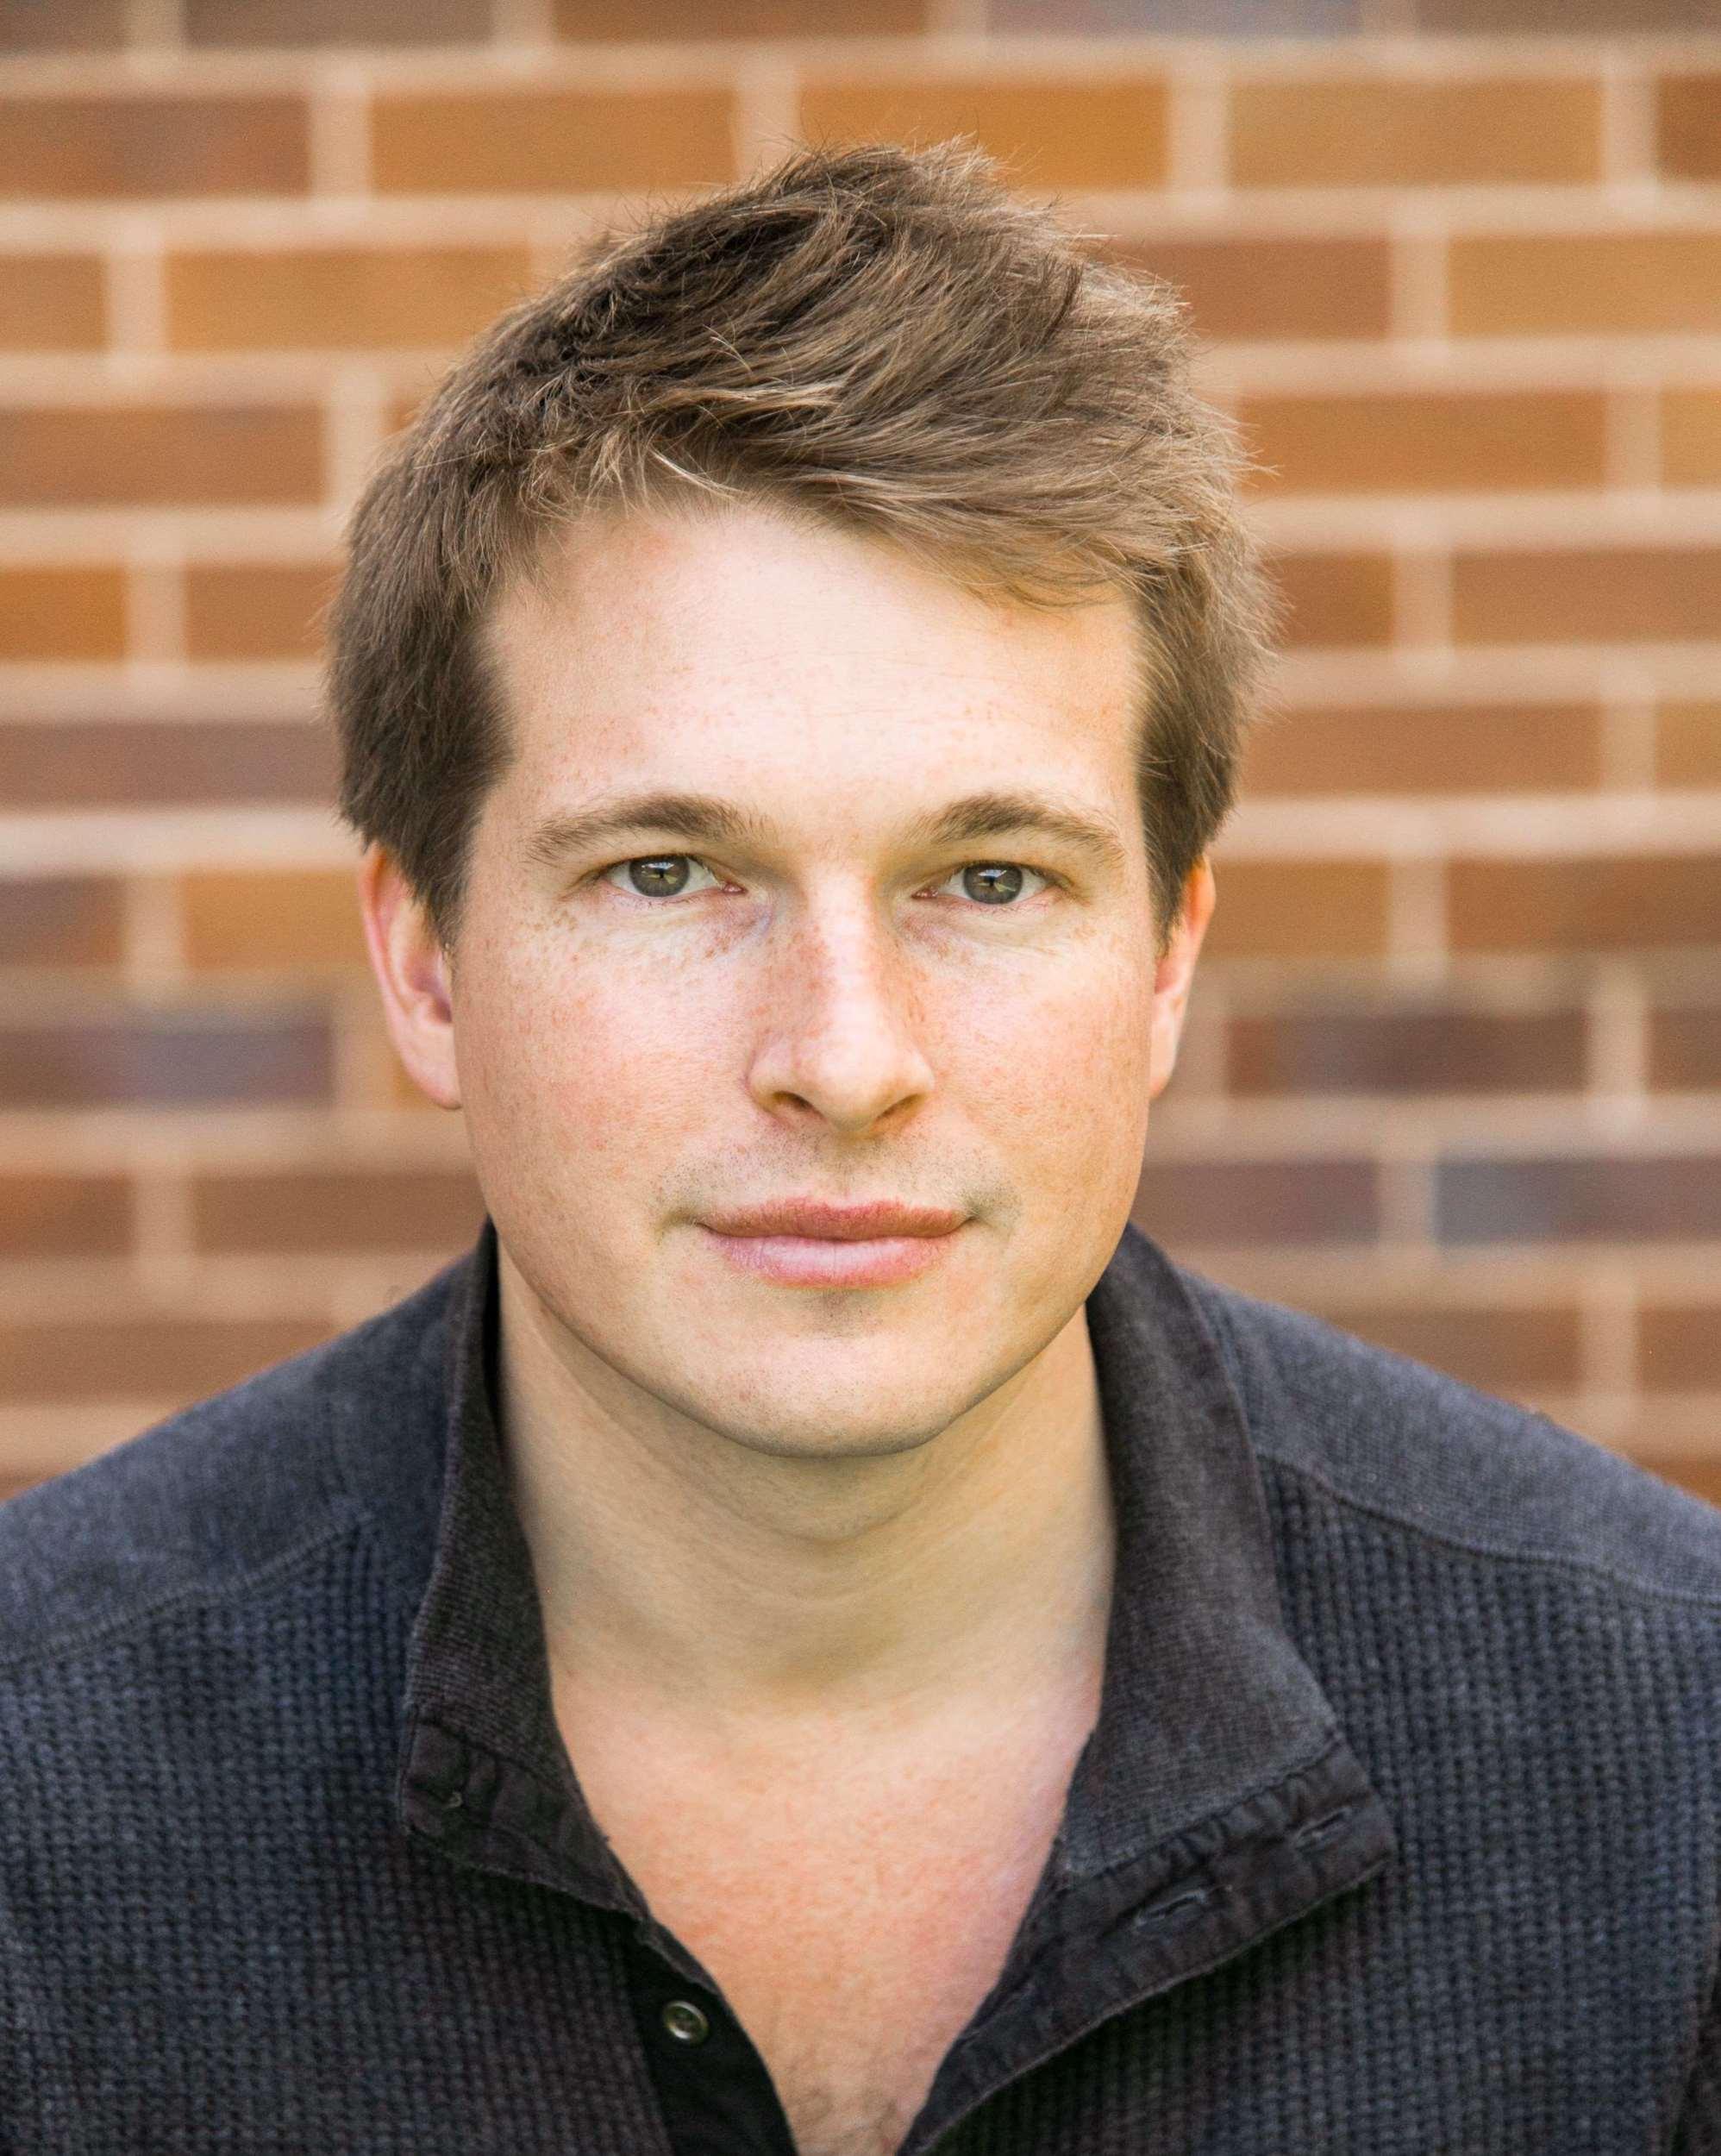 Andrew Hazzard